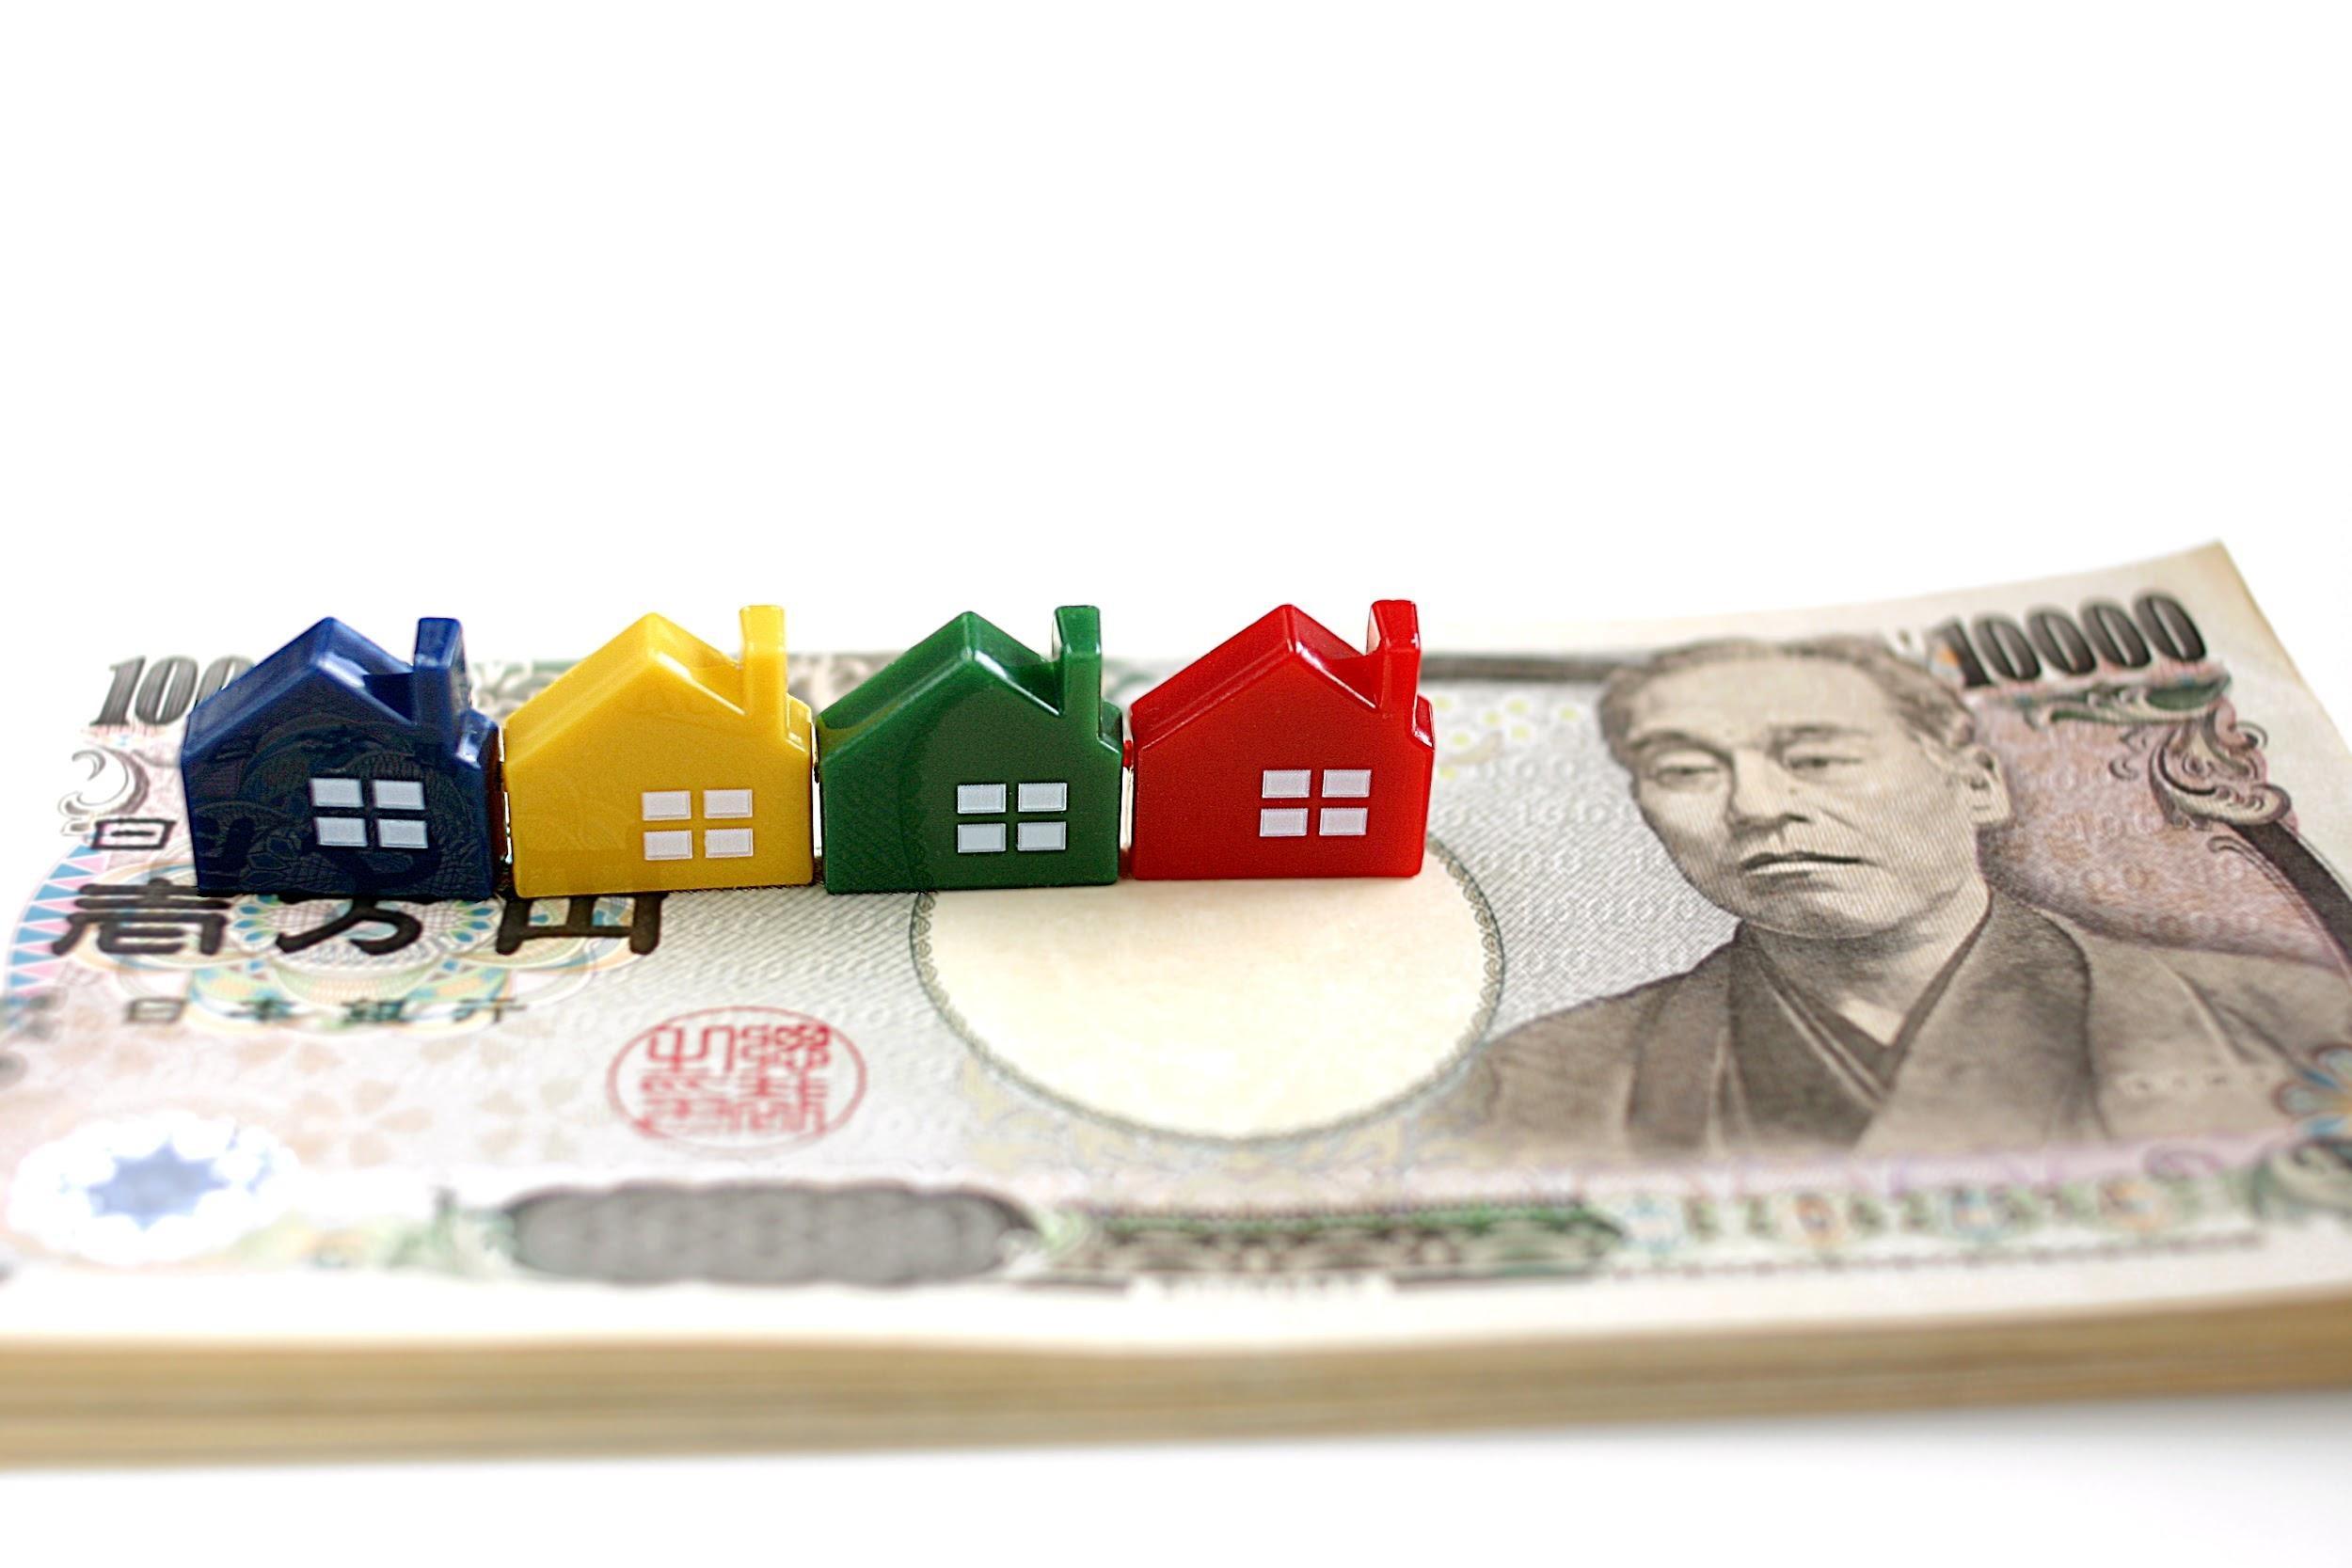 マンションの建築費を抑える方法